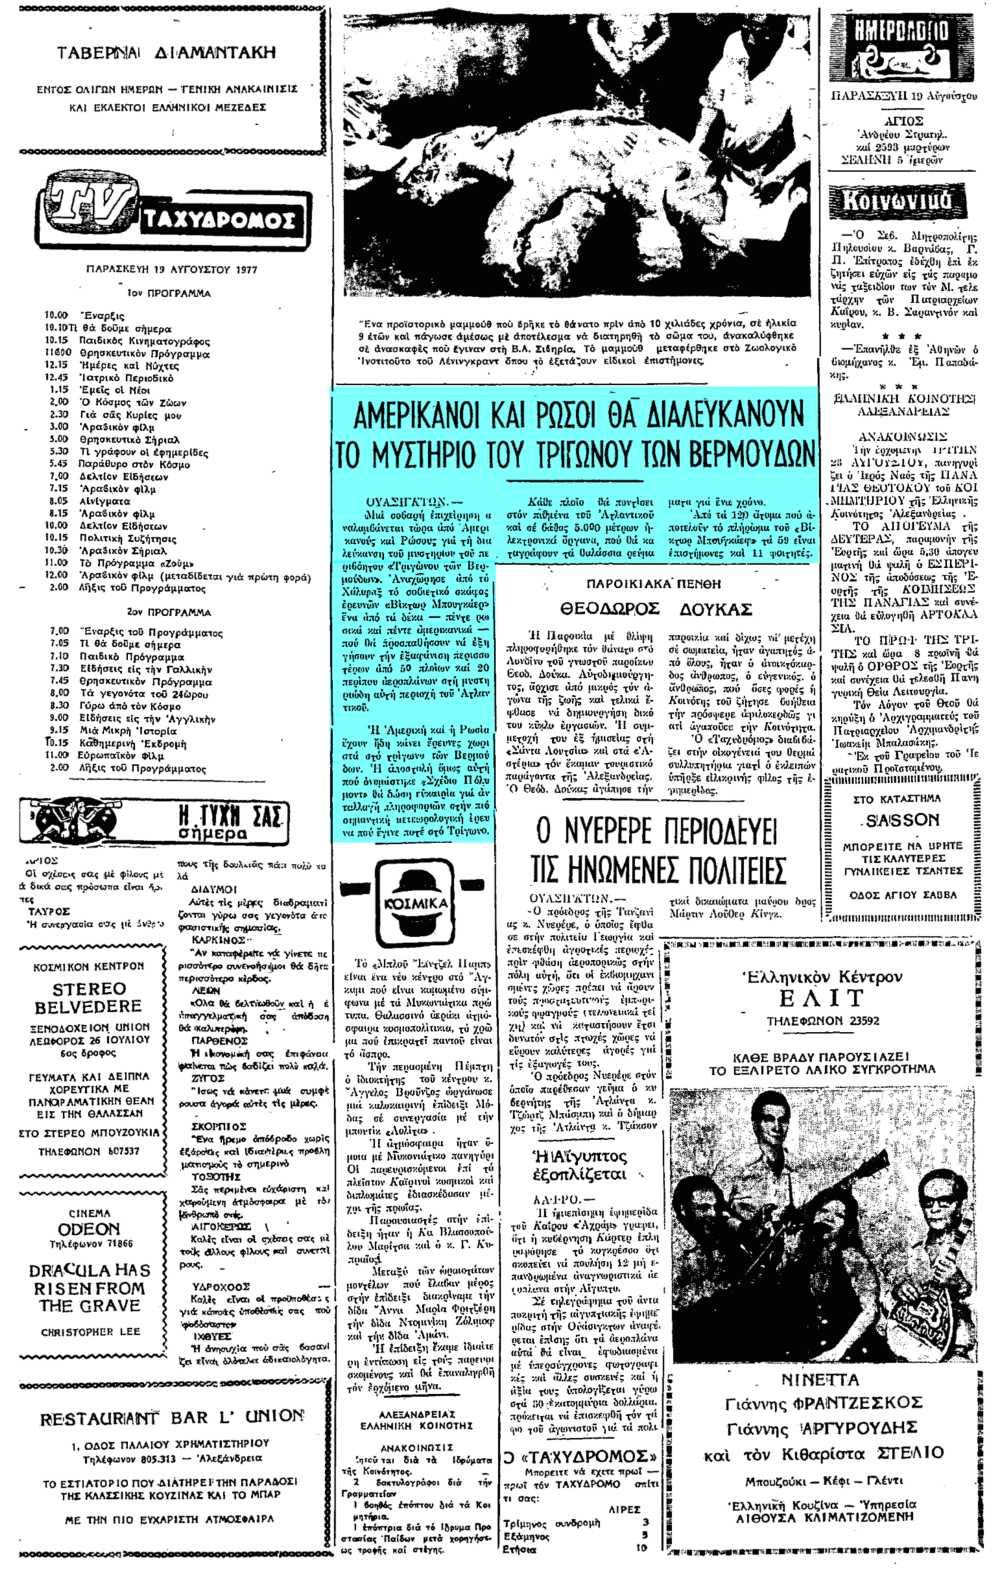 """Το άρθρο, όπως δημοσιεύθηκε στην εφημερίδα """"ΤΑΧΥΔΡΟΜΟΣ"""", στις 19/08/1977"""